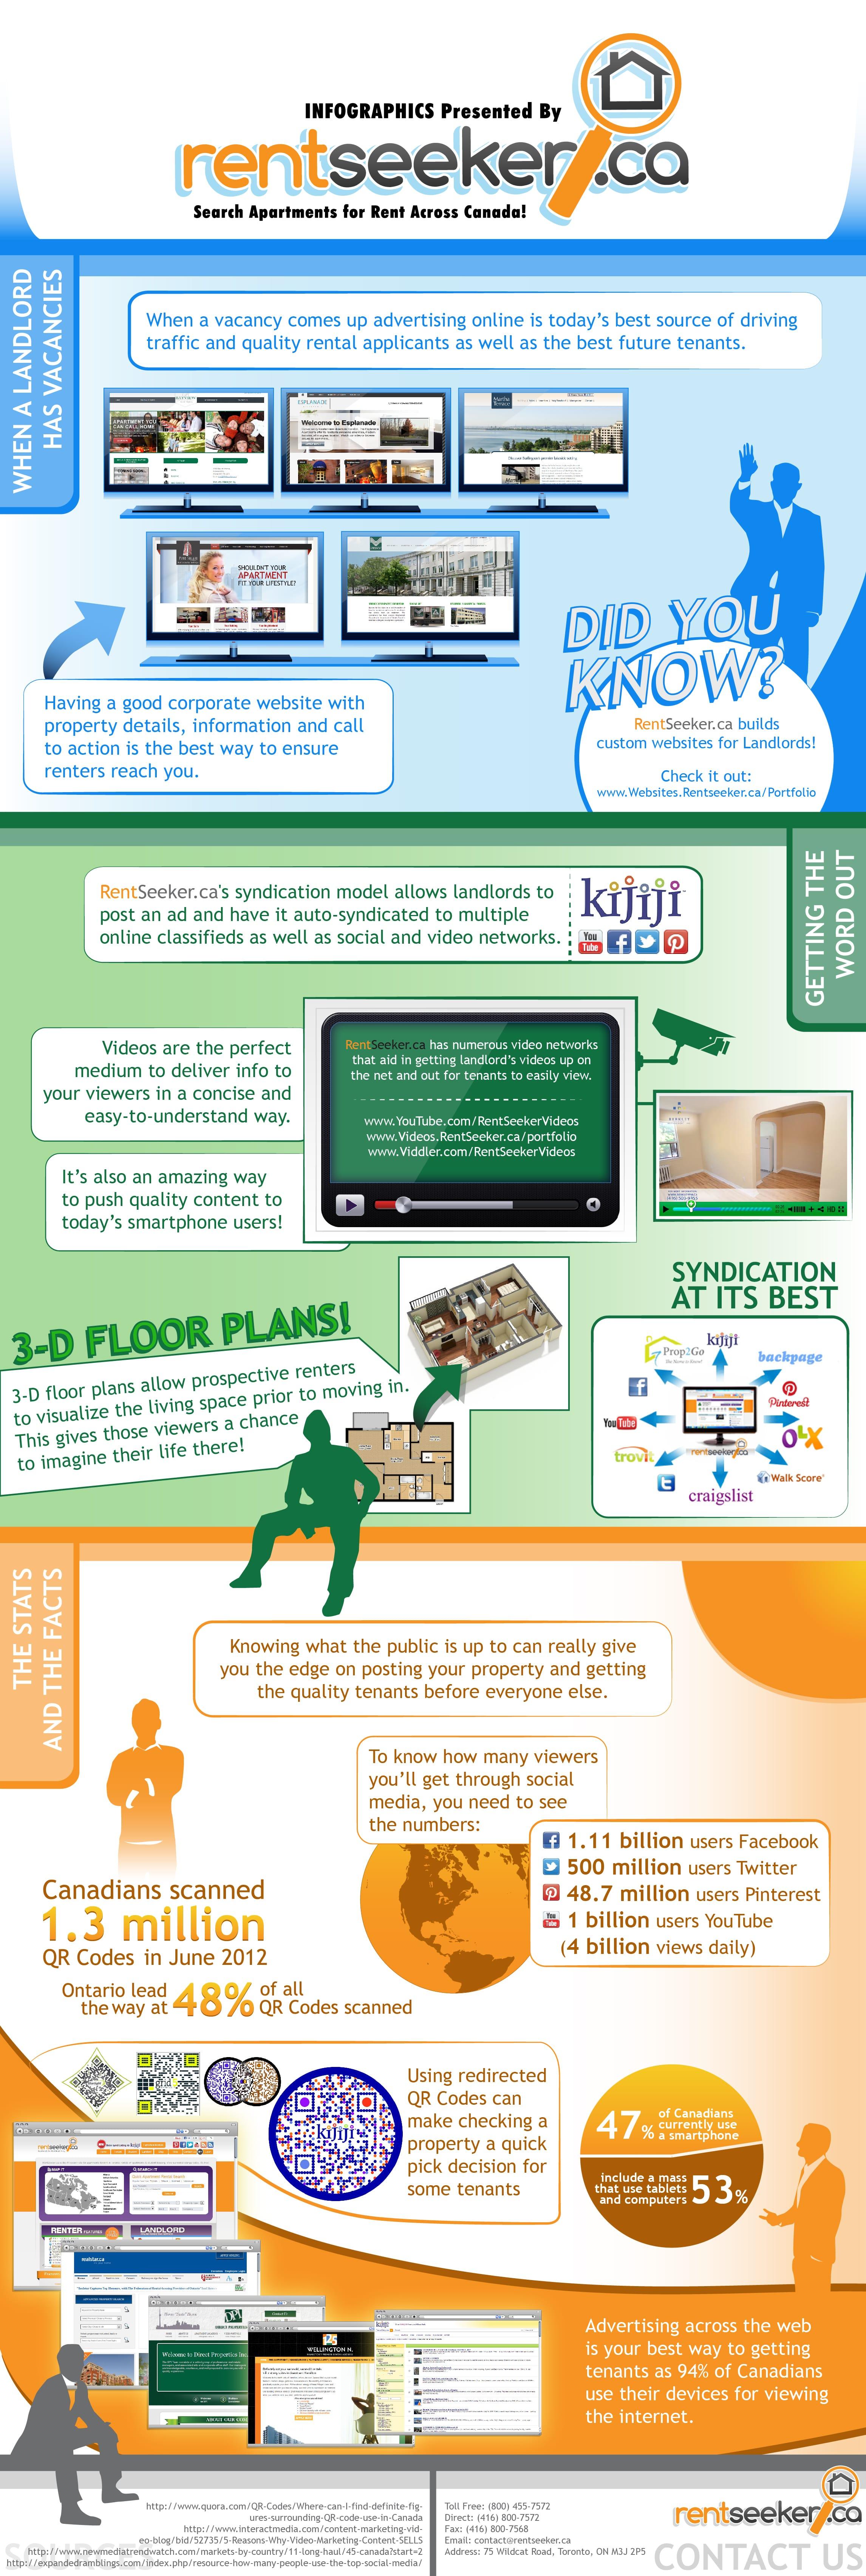 RentSeeker.ca Online Advertising INFOGRAPHICS